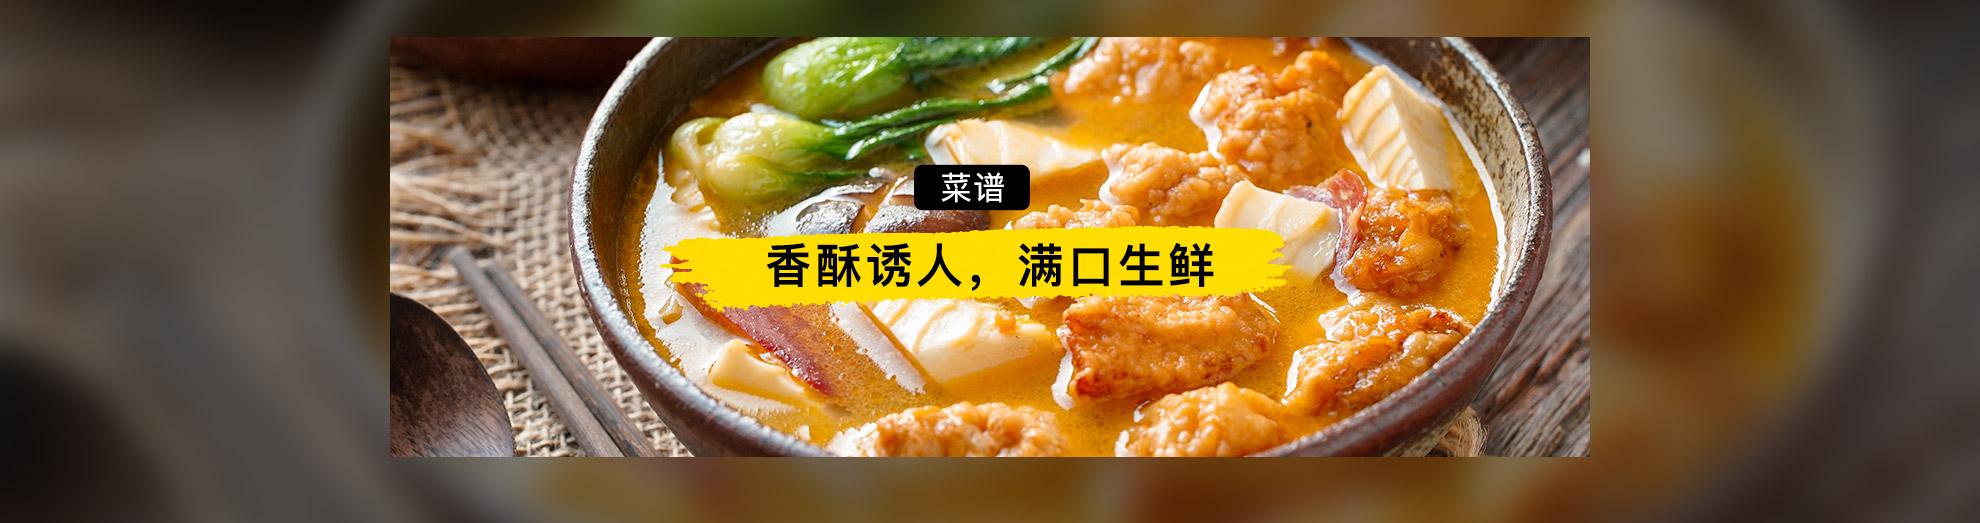 日食记 | 三鲜笋炸酥鸡}